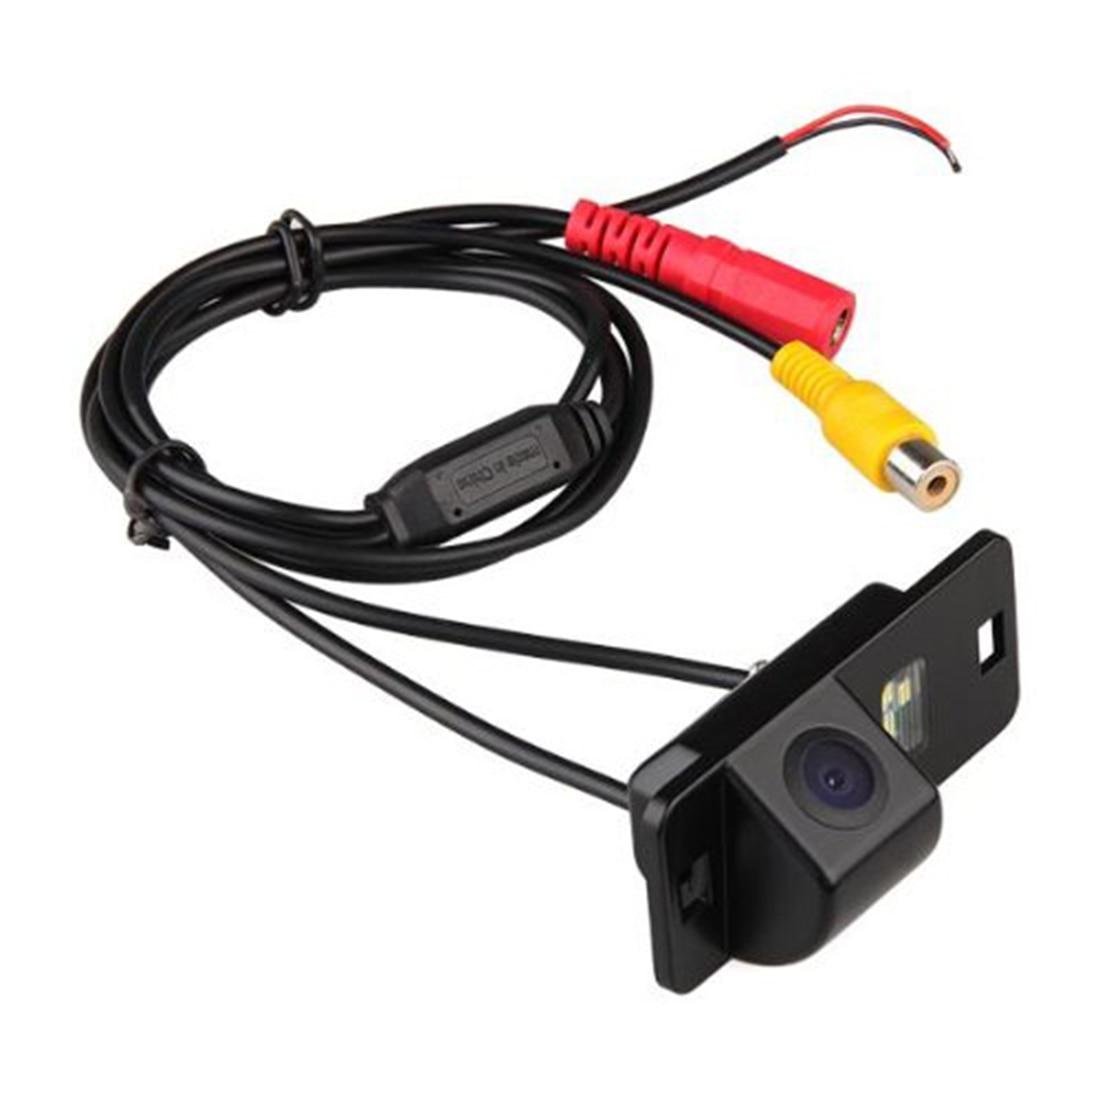 Marsnaska CMOS Ver Traseira Do Carro de Backup Reversa Estacionamento Câmera Night Vision Impermeável Para BMW X5 X6 Preto